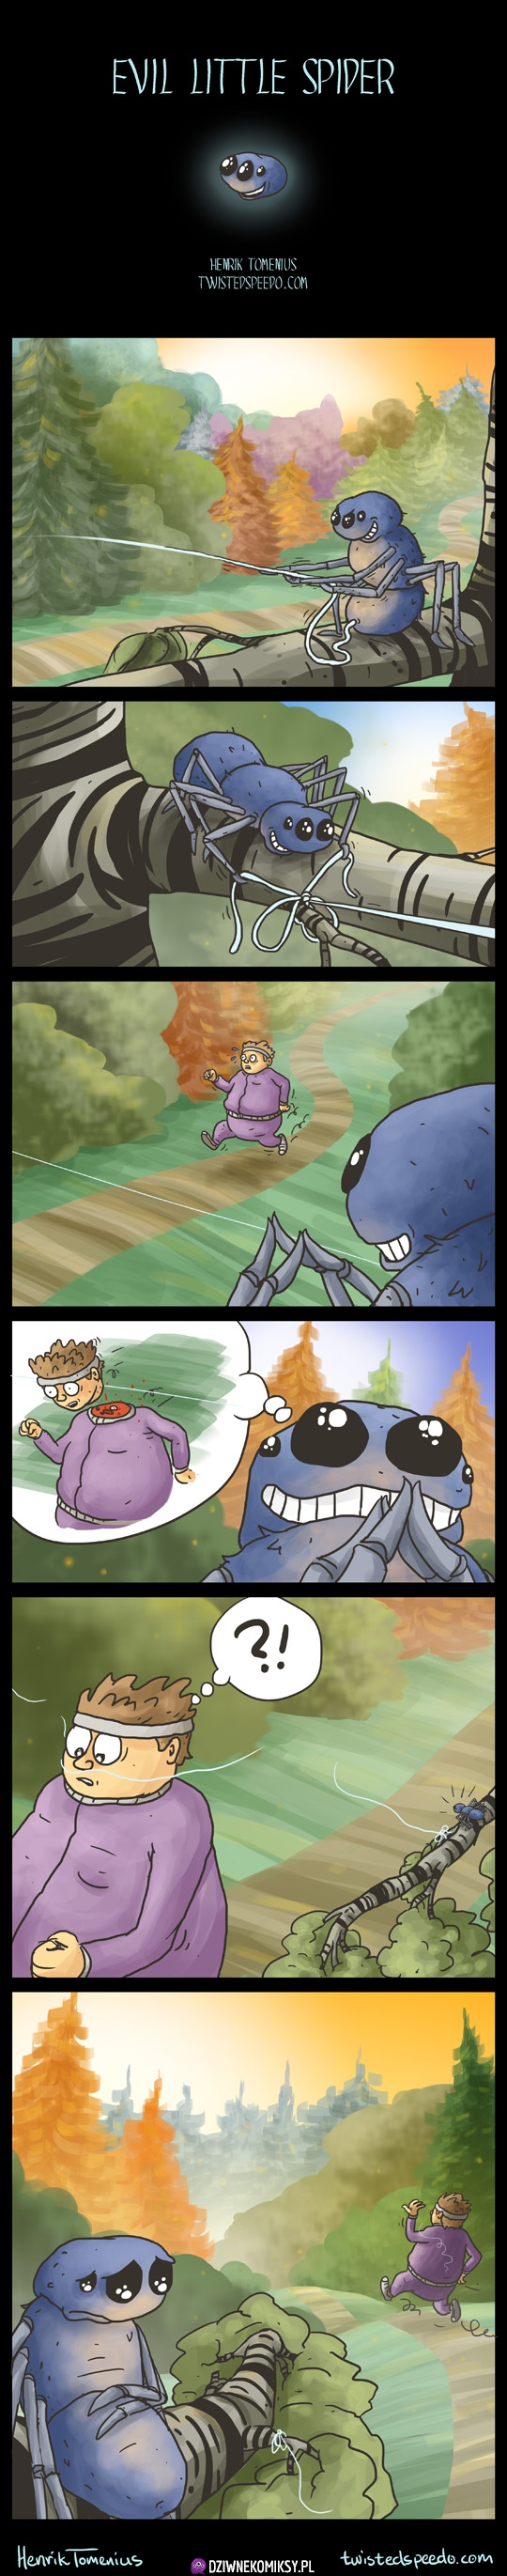 Mały wredny pajączek